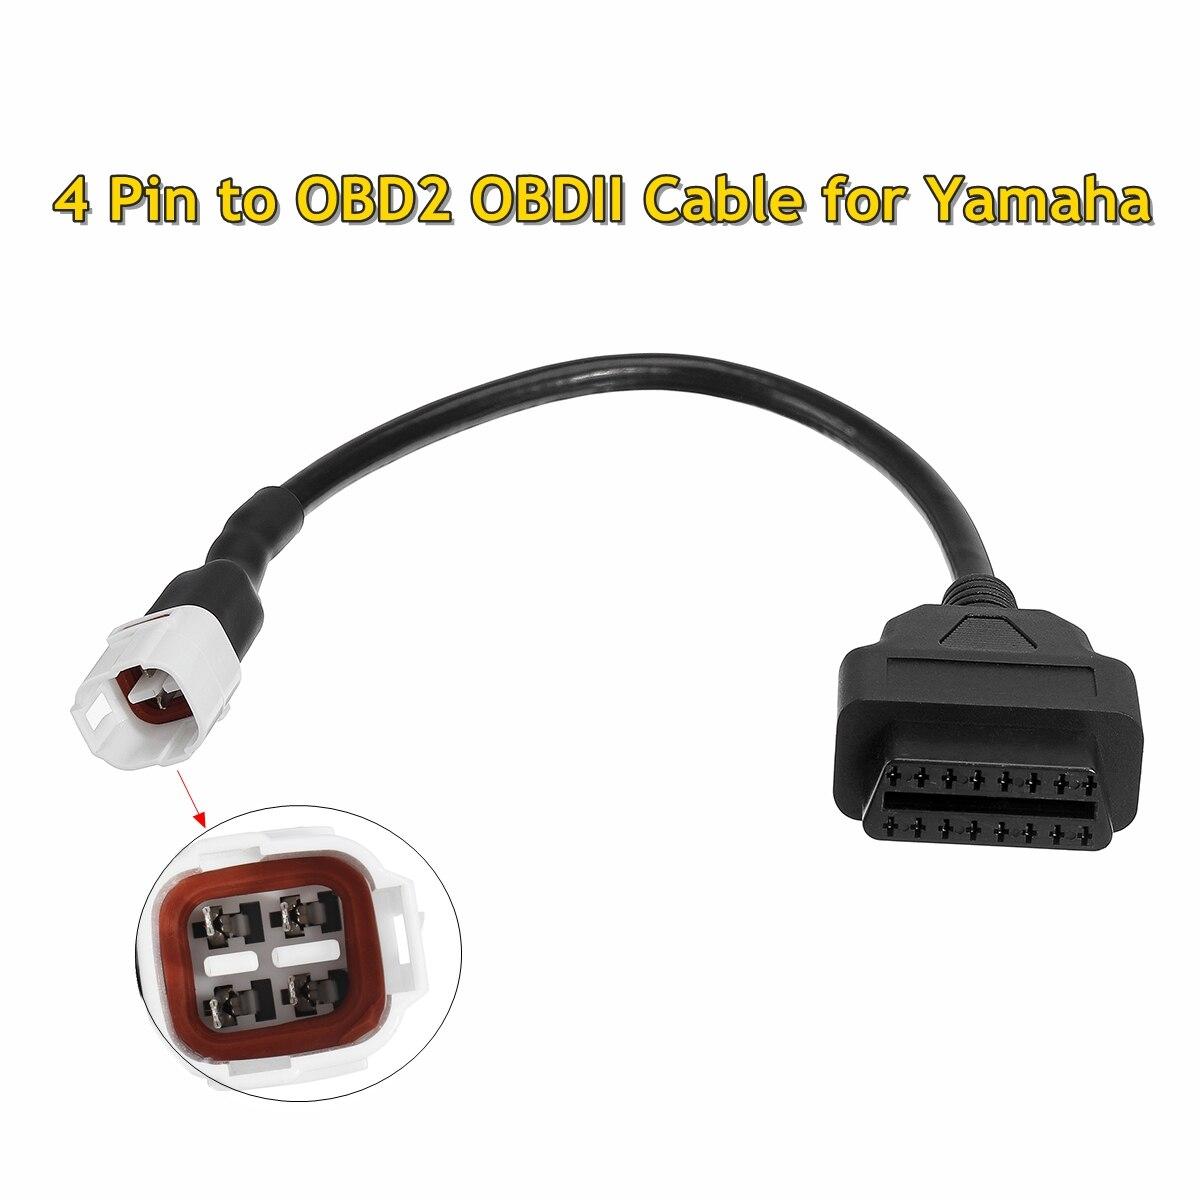 1 шт. диагностический 4 Pin к OBD2 OBDII Кабельный Жгут адаптер для Yamaha FJ09, FZ09, MT09, FZ-10, MT-10, XSR900, R6, R1, 900/GT и т. д